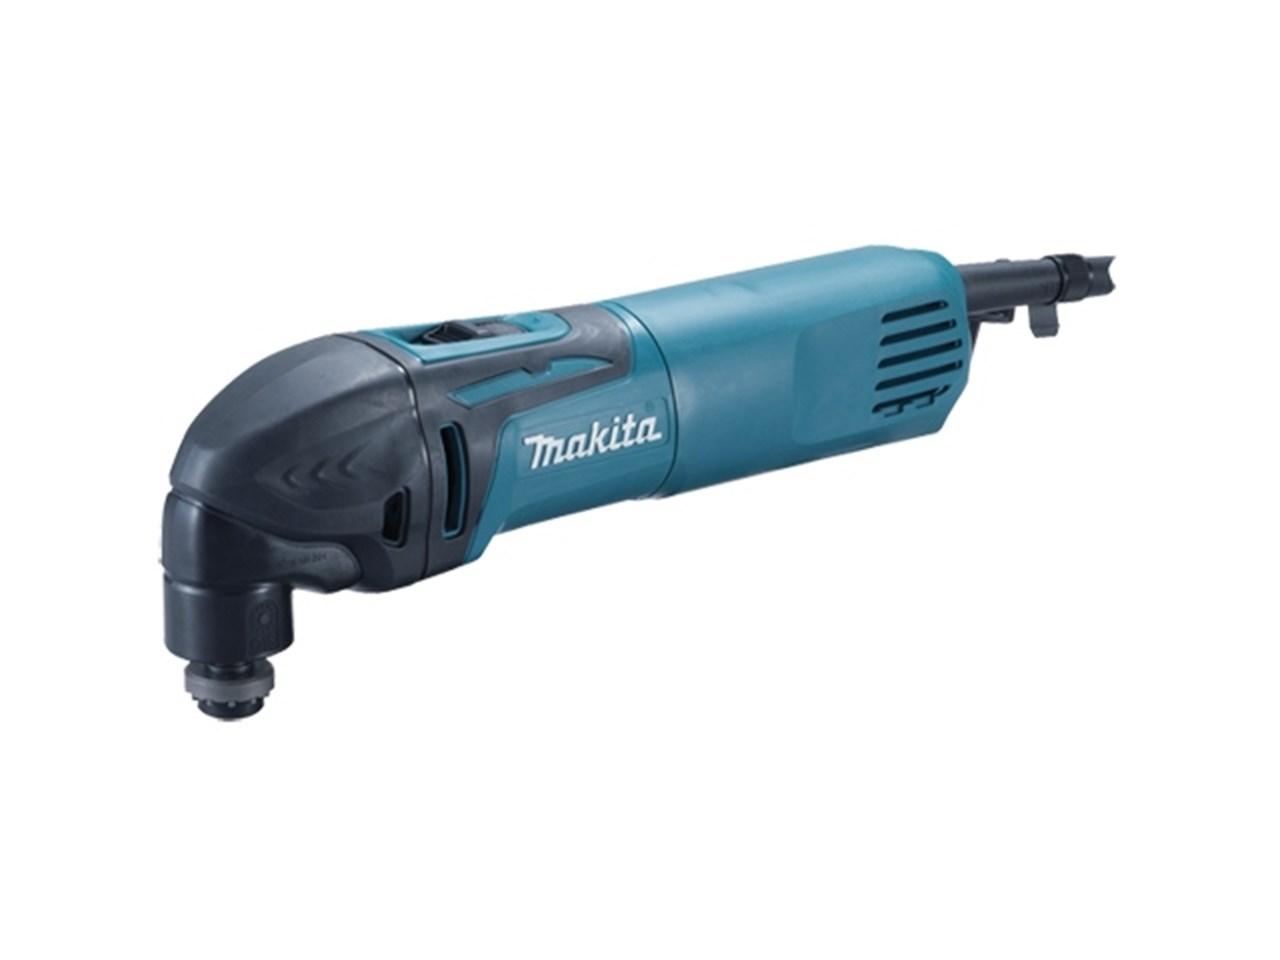 makita tm3000c 110v oscillating multi tool